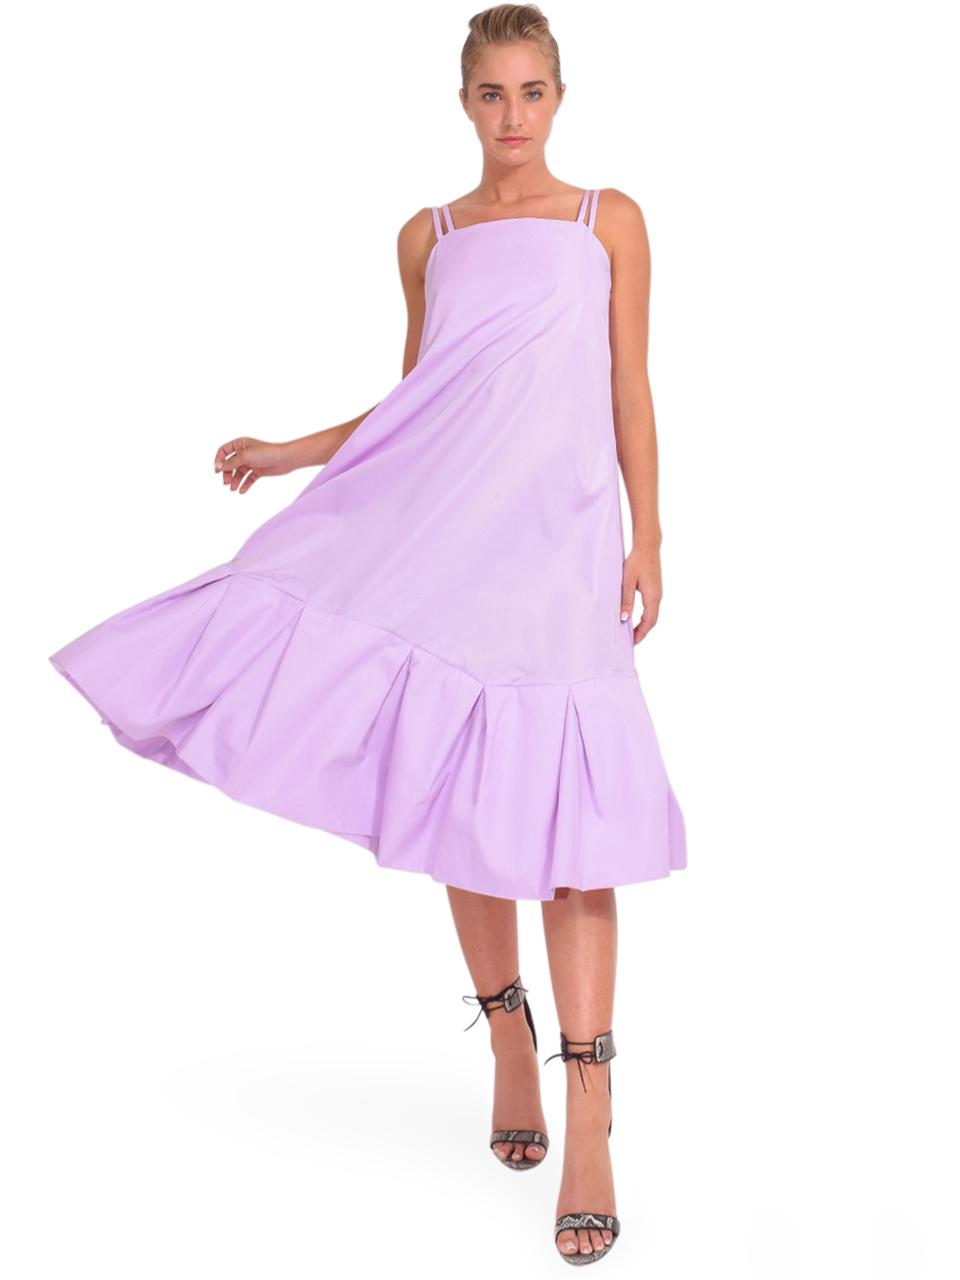 3.1 Phillip Lim Multi Strap A-Line Taffeta Dress in Lavender Full Outfit